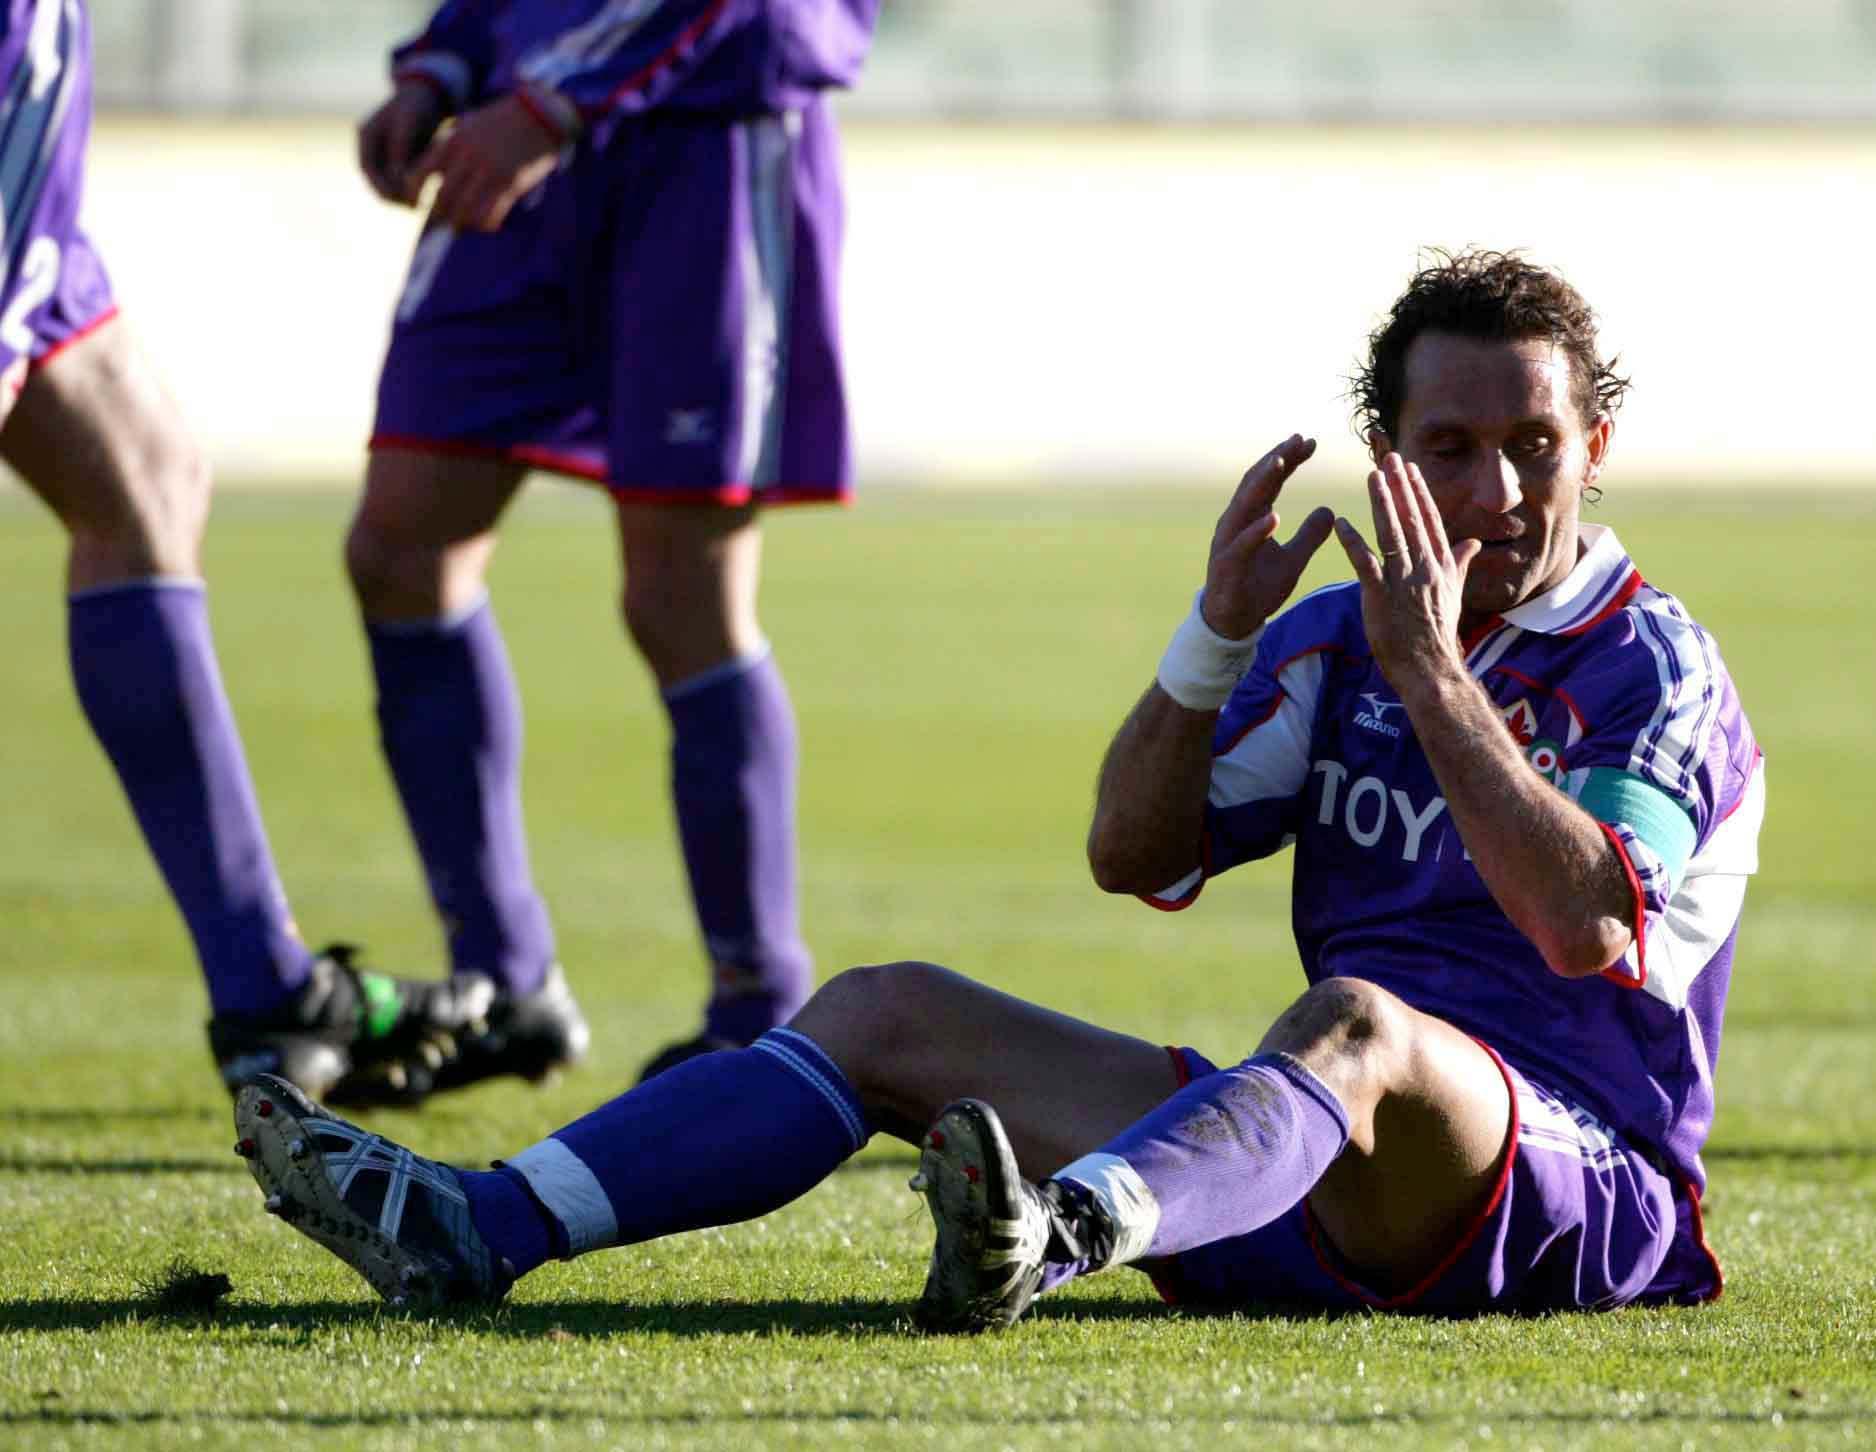 Fiorentina v Lecce X